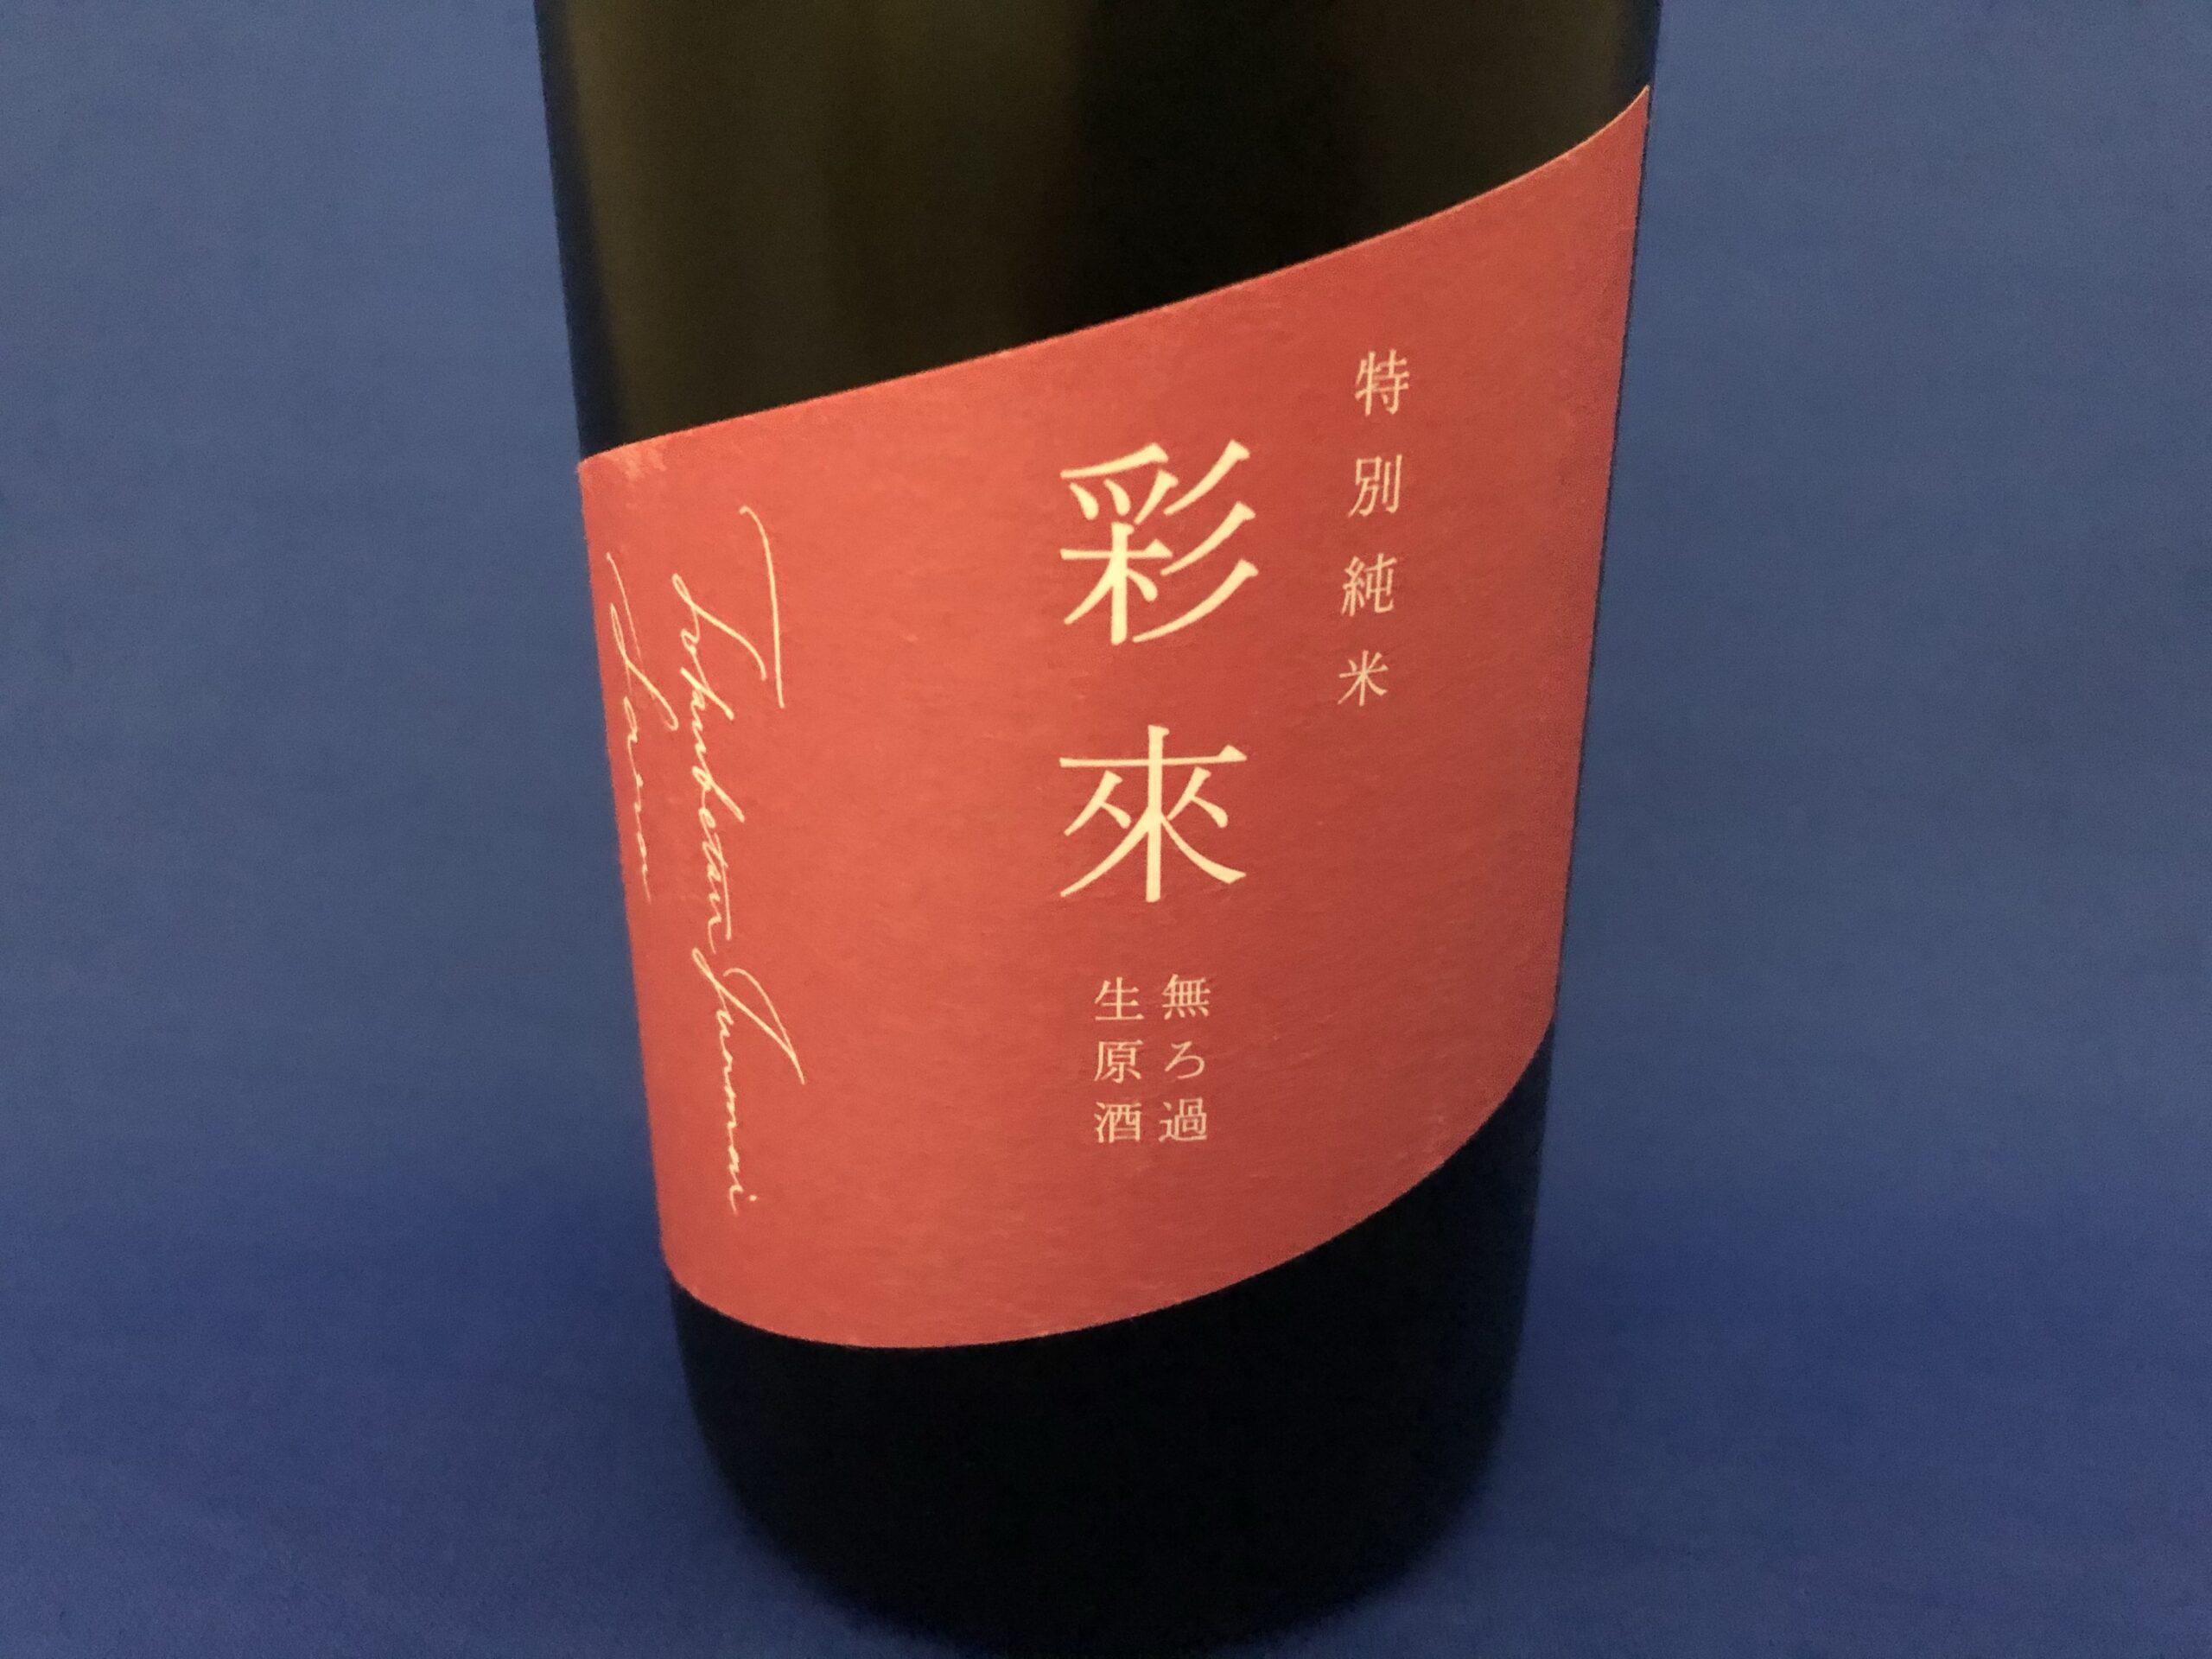 赤いラベルの「彩來(Sara)」登場! 特別純米無ろ過生原酒